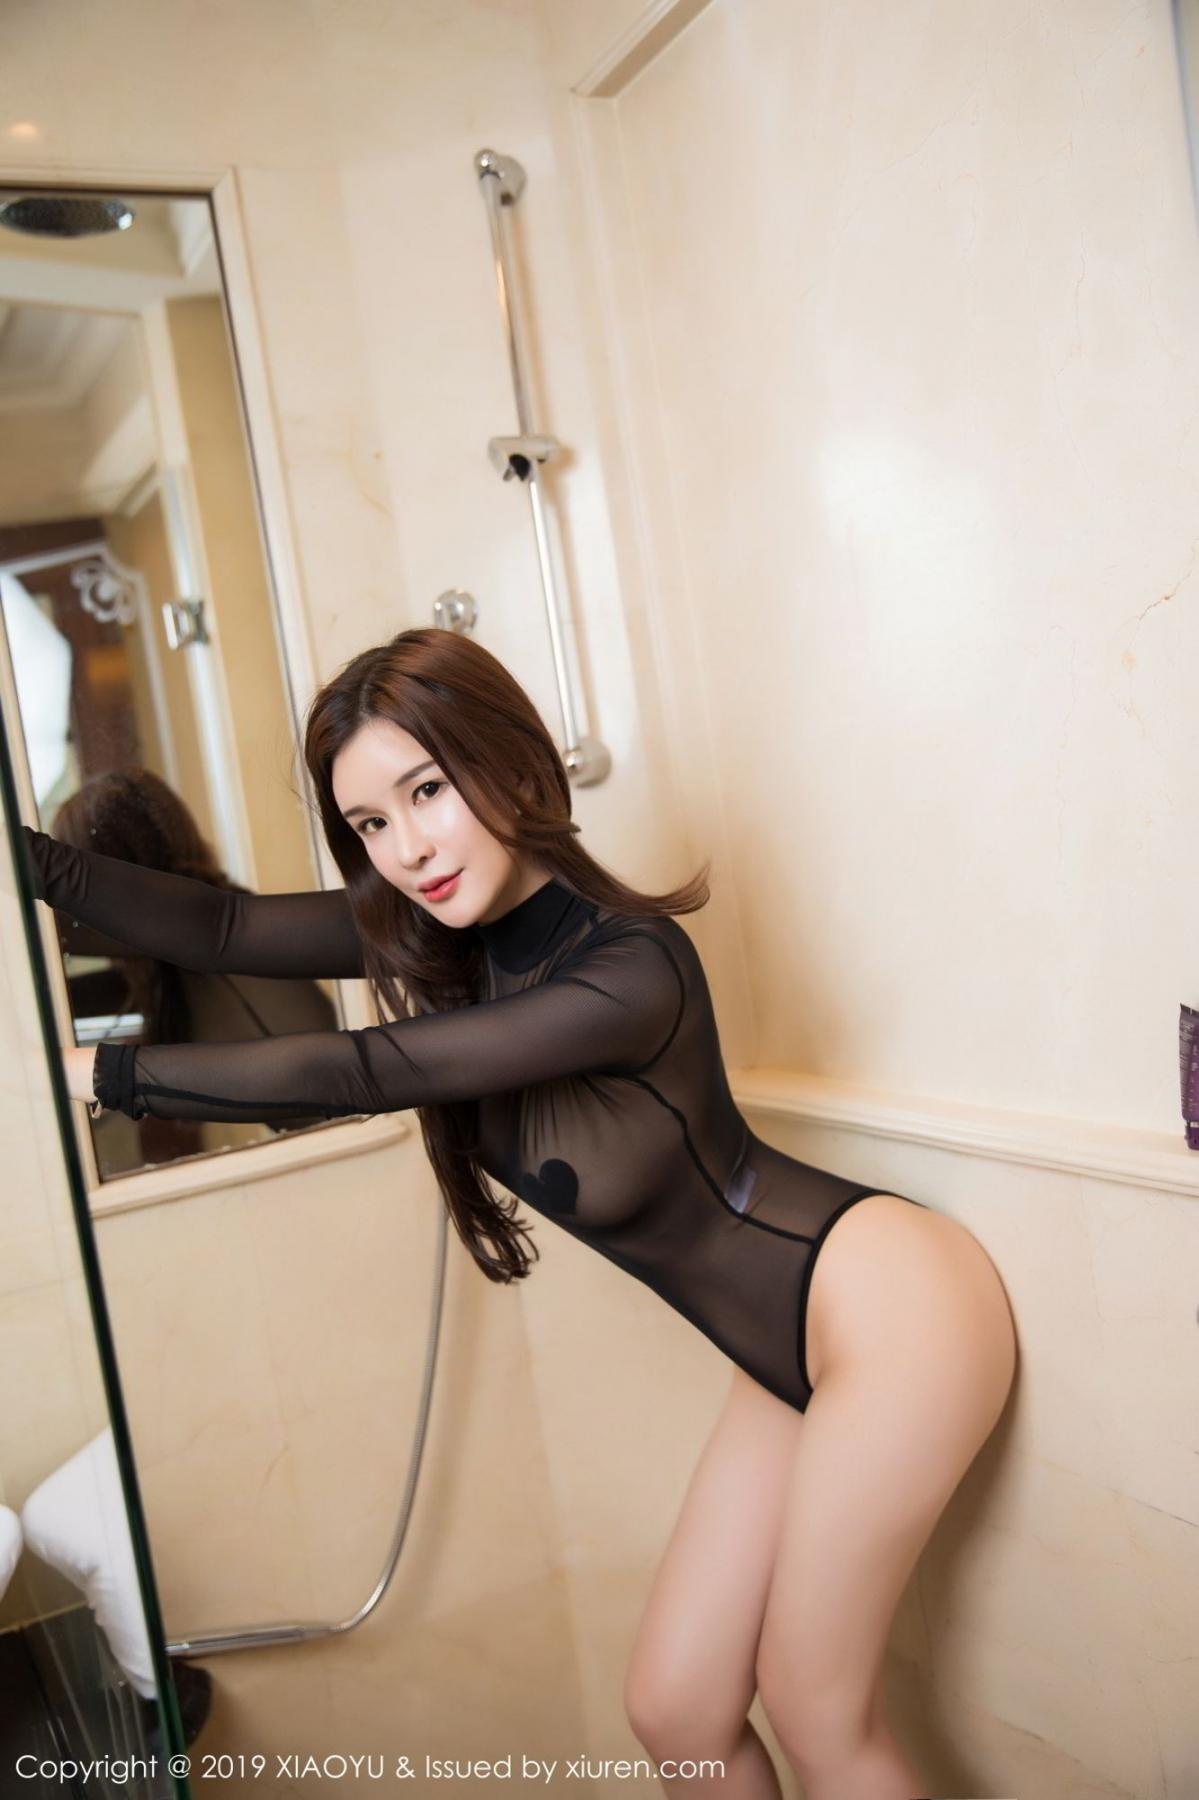 [XiaoYu] Vol.091 Chun Xiao Xi 9P, Bathroom, Chun Xiao Xi, Wet, XiaoYu